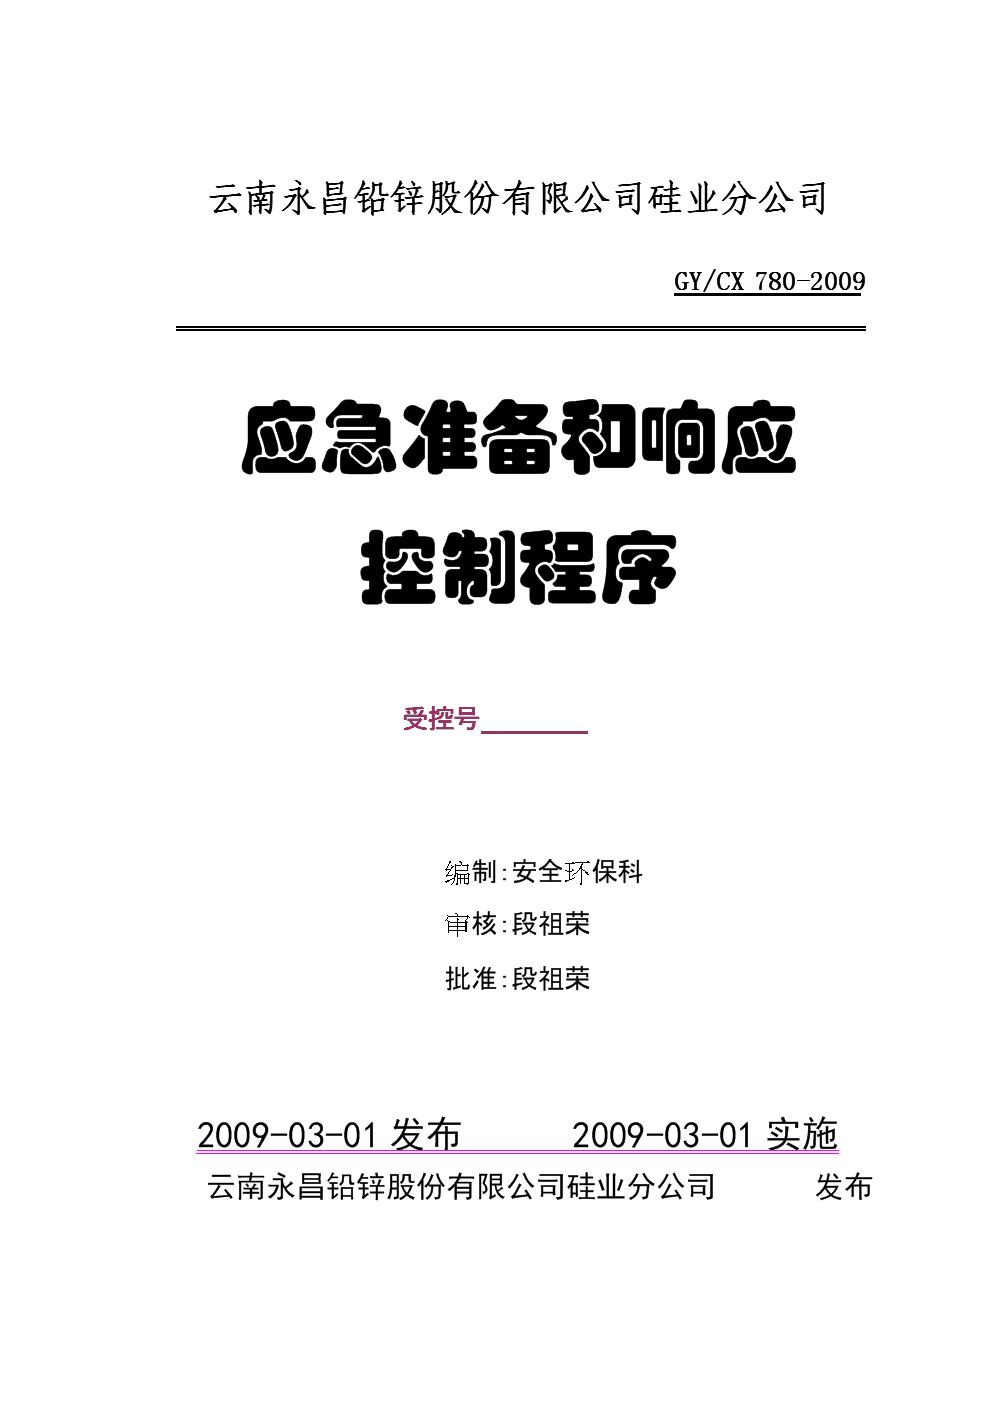 云南永昌铅锌股份有限公司应急准备和响应控制程序.doc